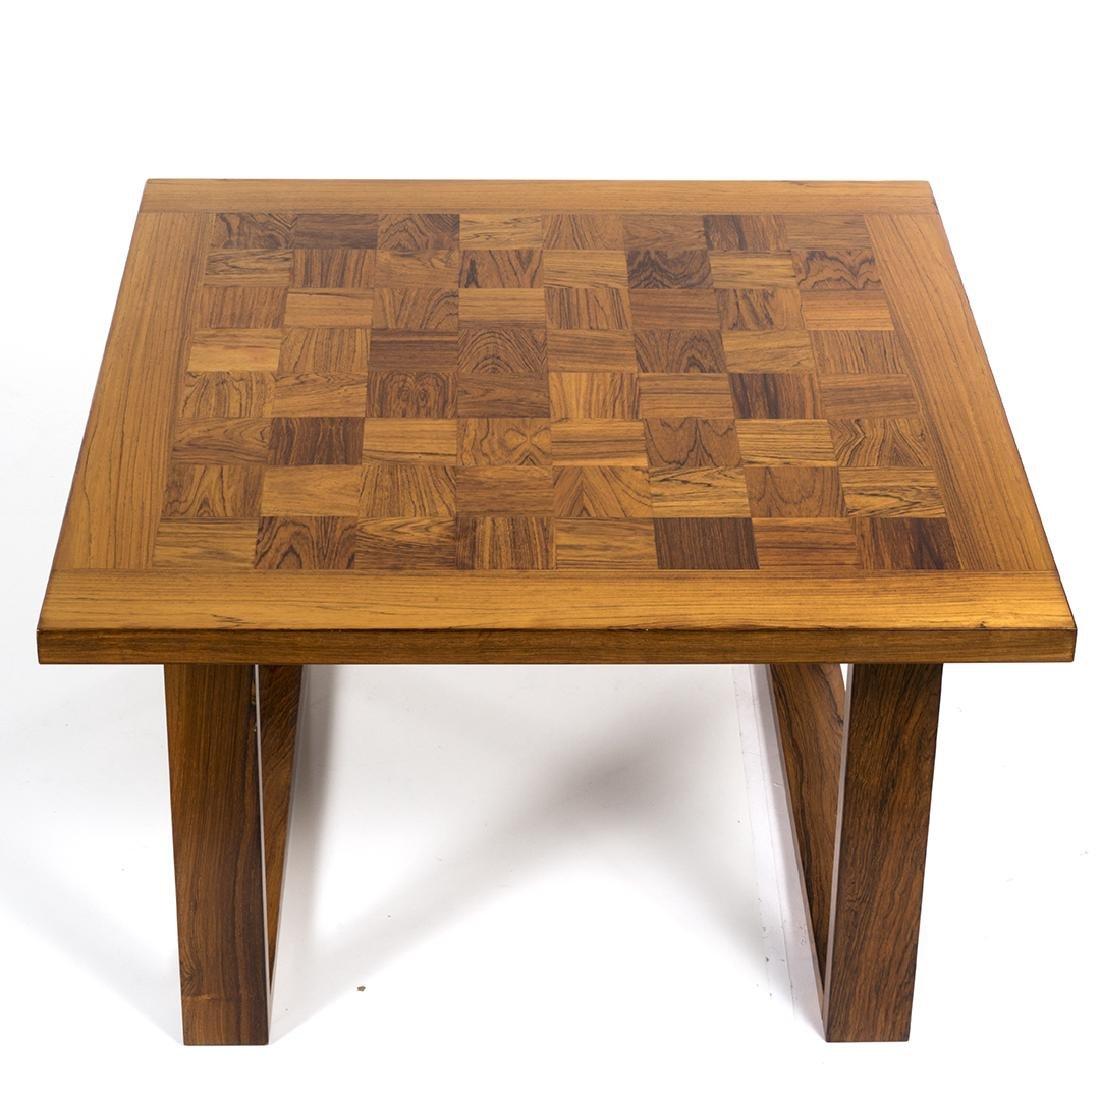 Poul Cadovius Tables - 4